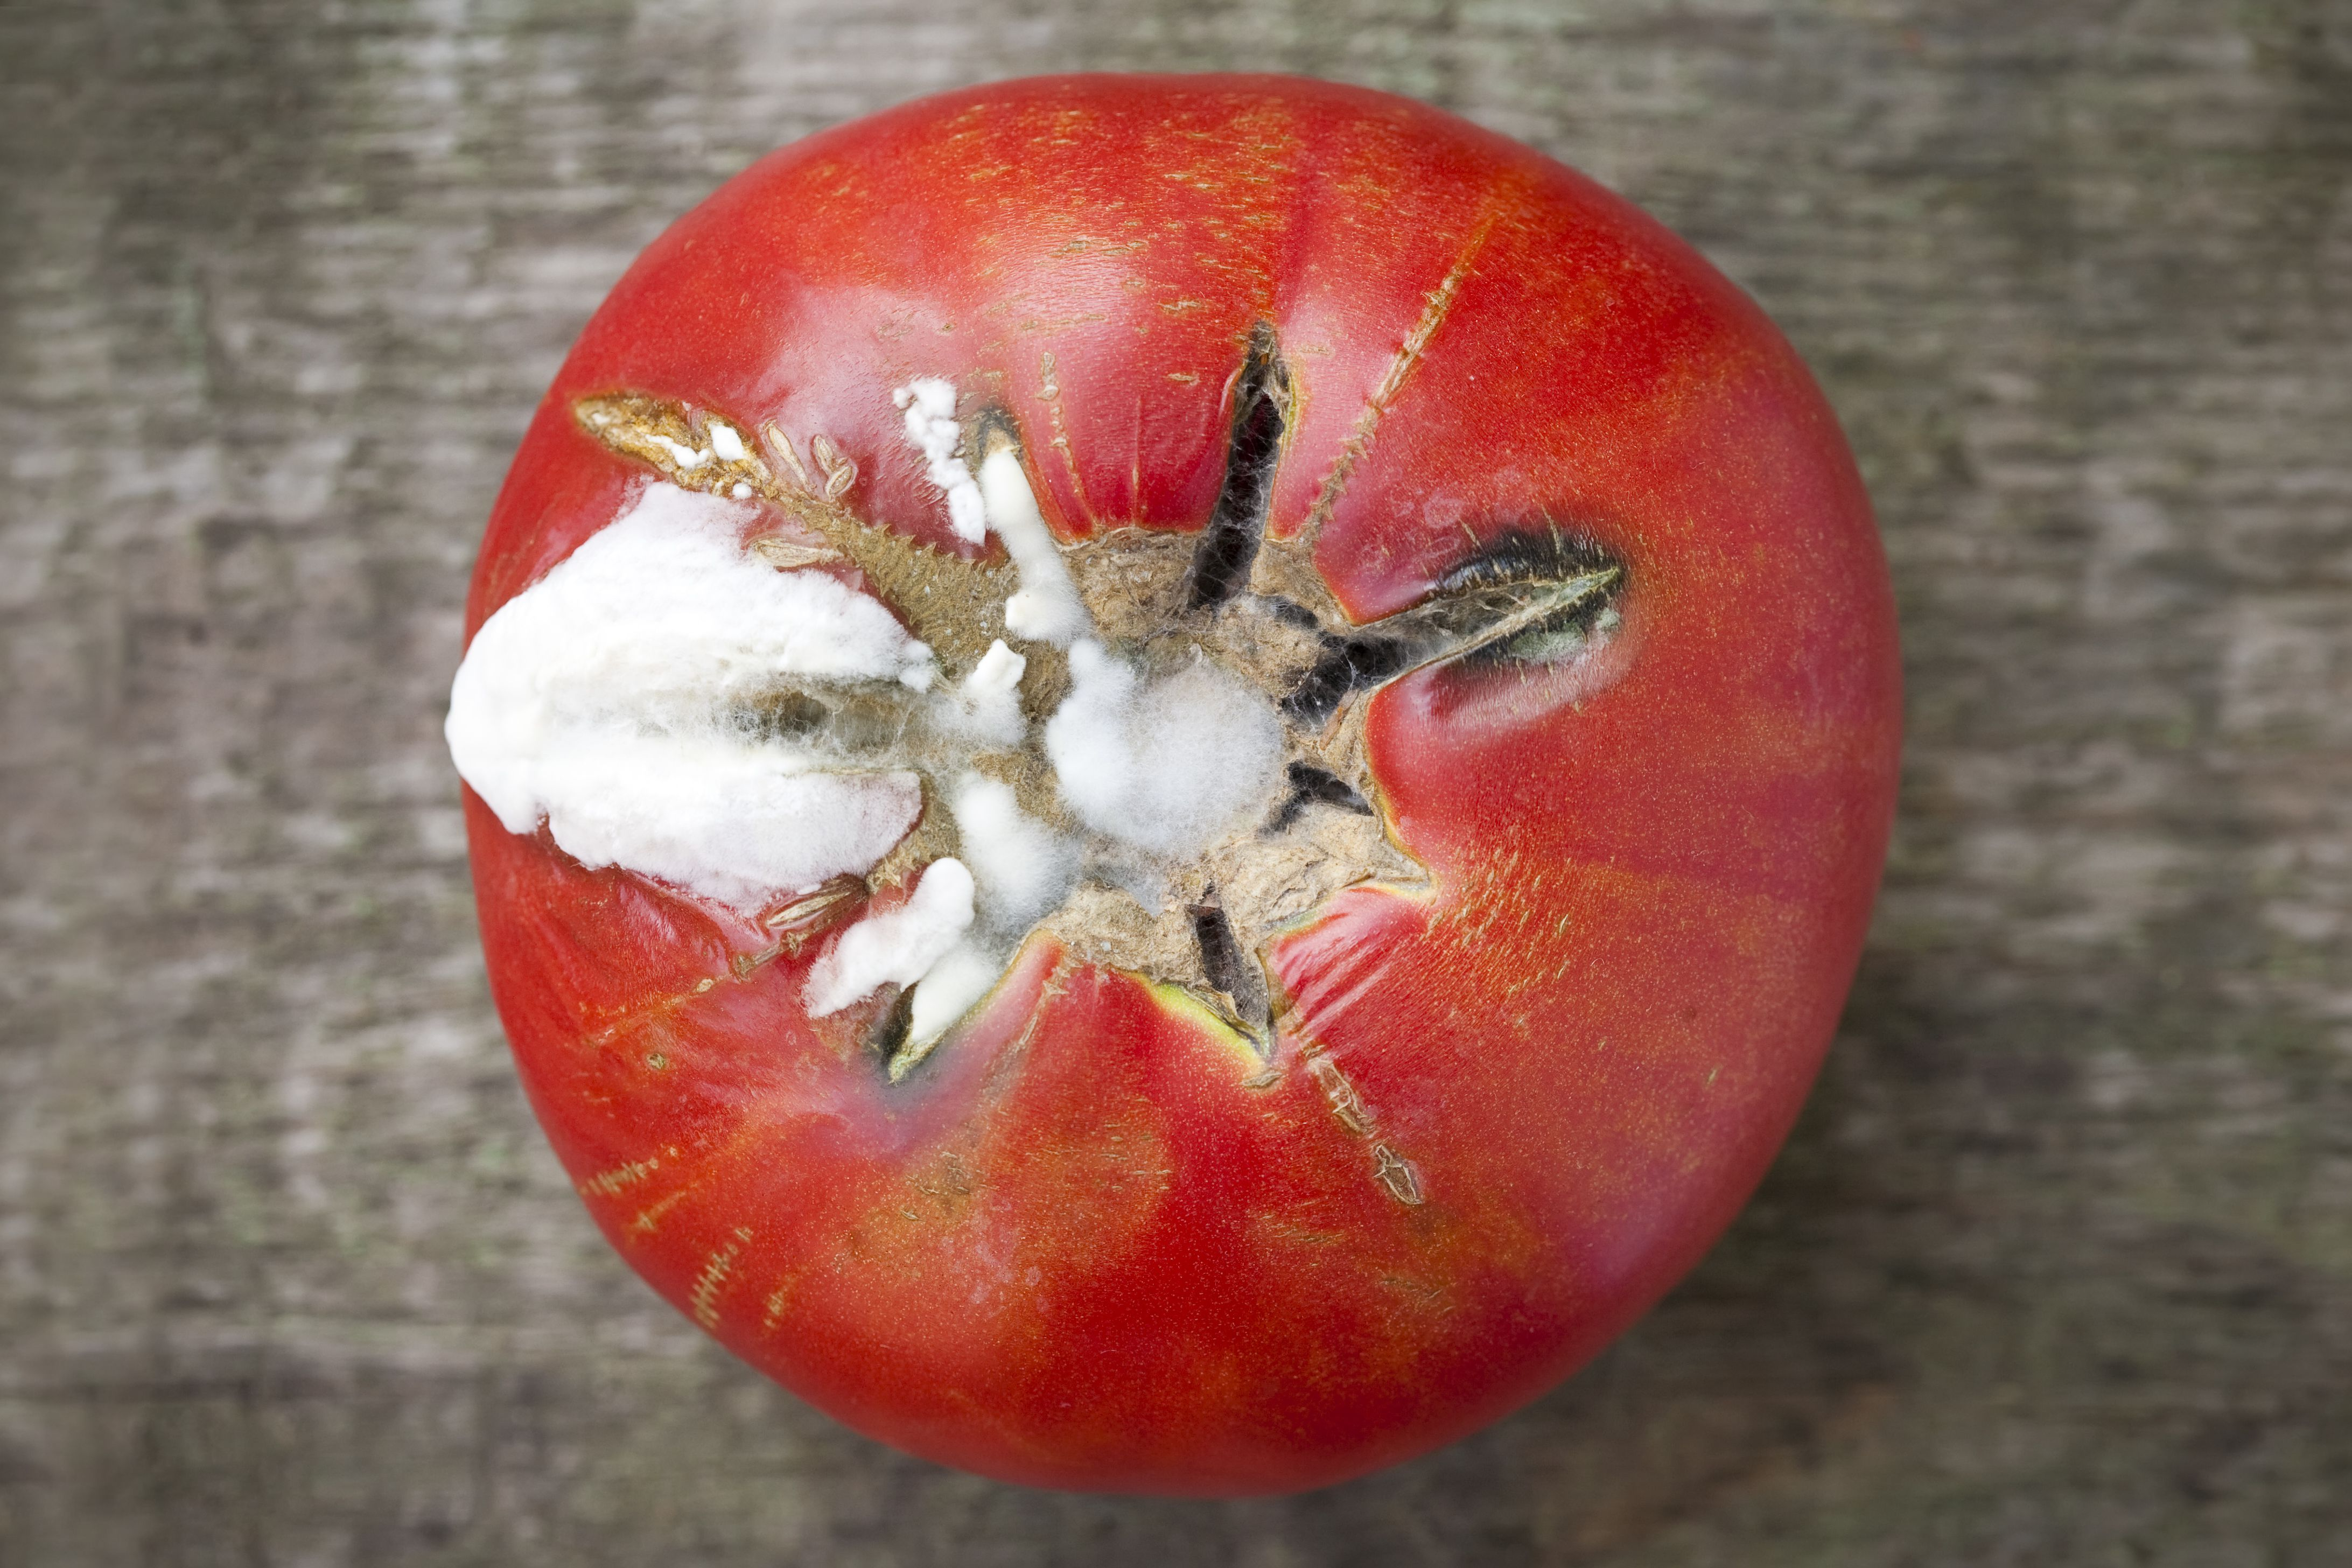 Rotten Moldy Tomato